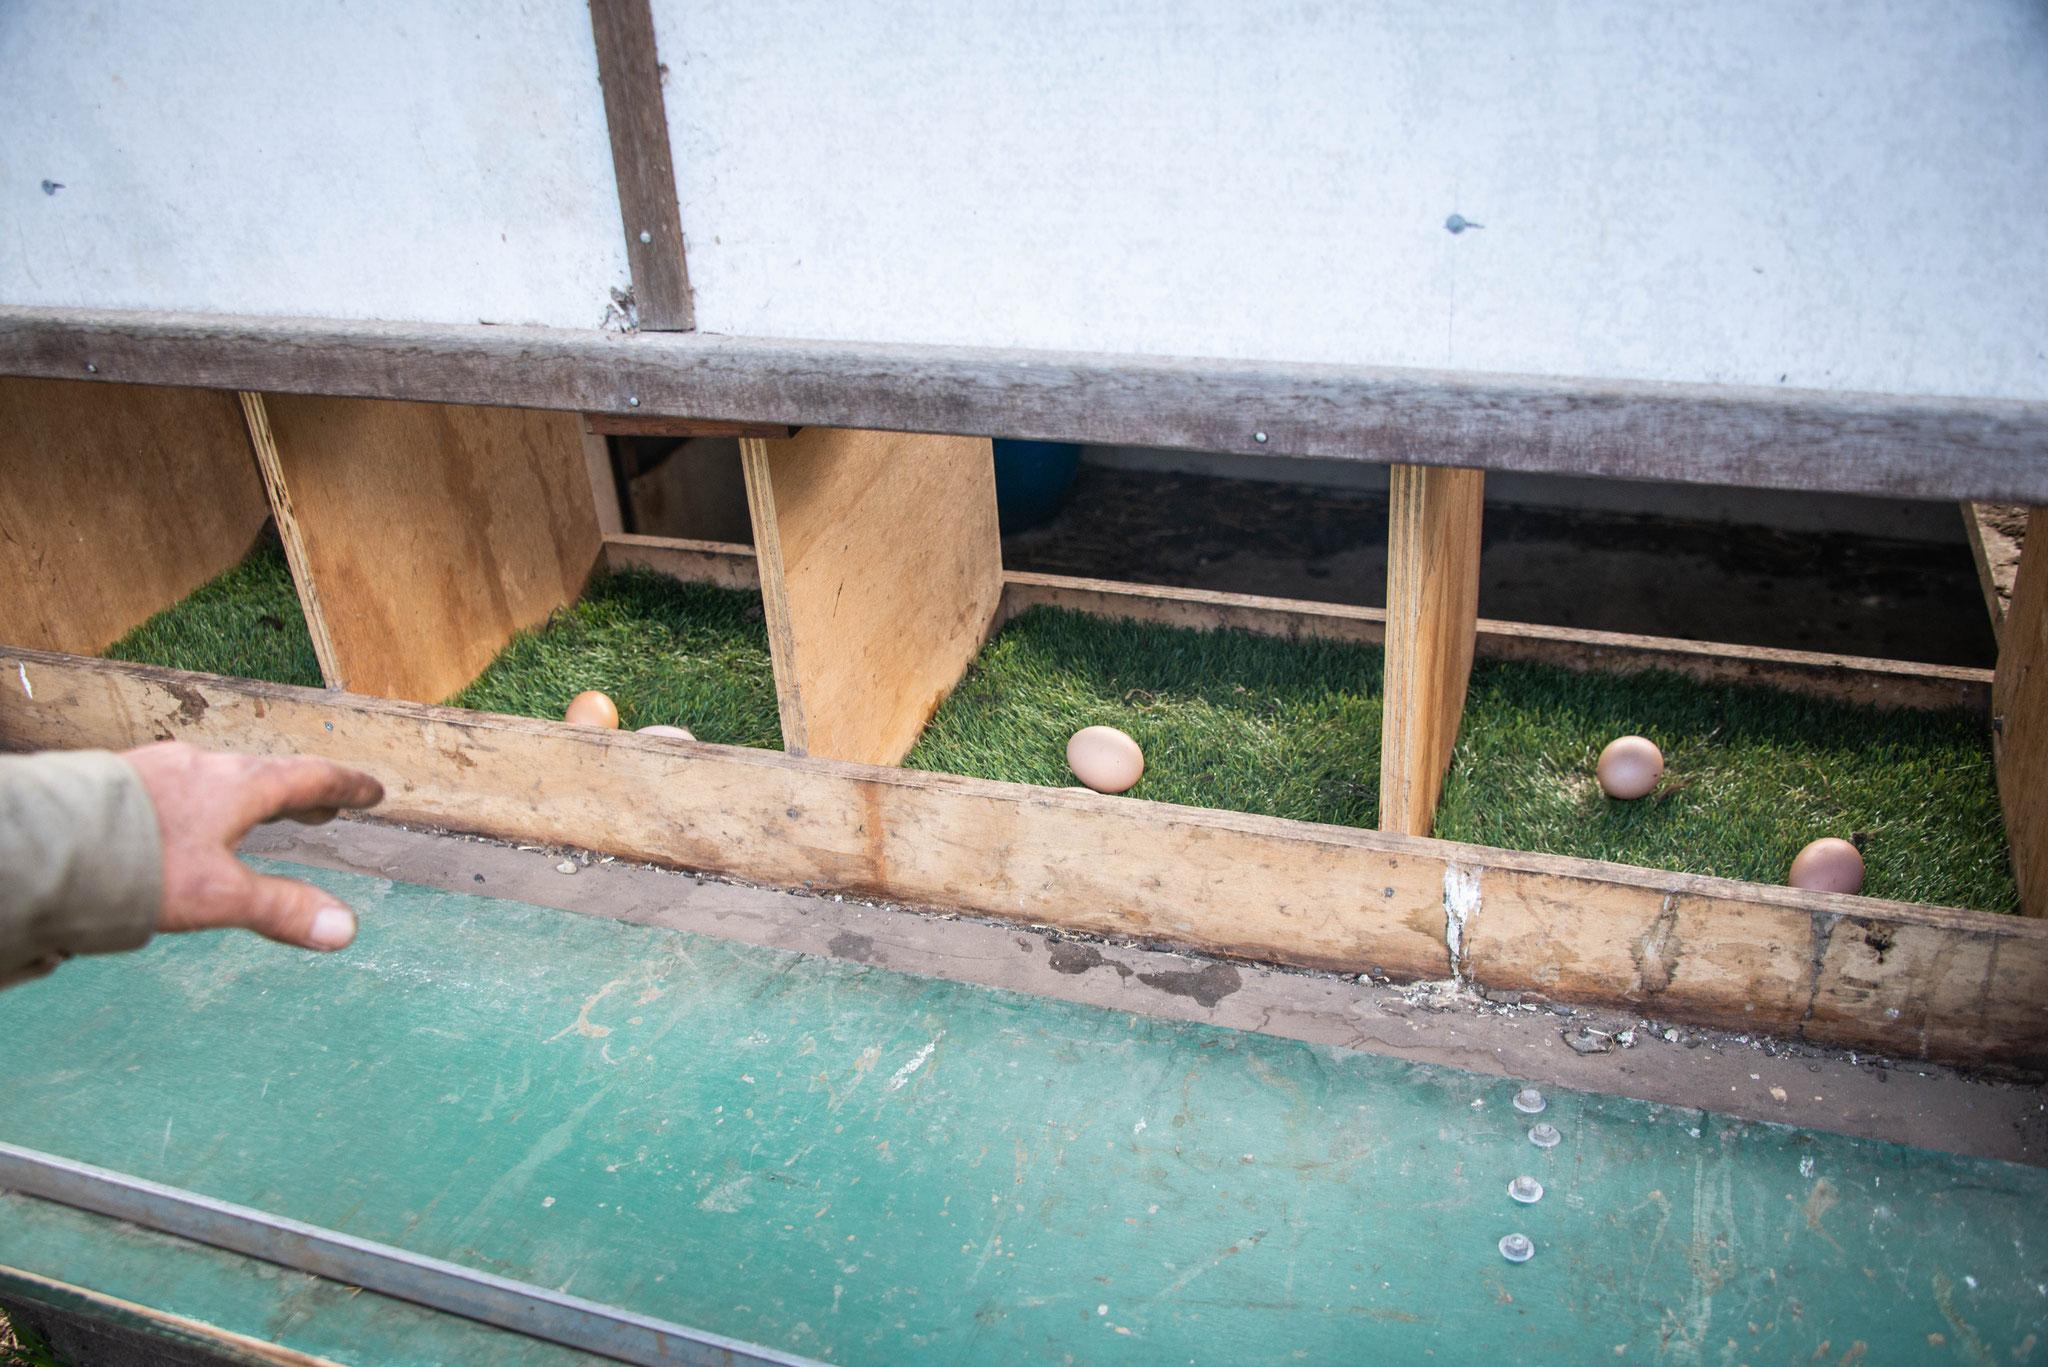 Le seul endroit où il est acceptable d'avoir de l'herbe synthétique (facile à laver) - the only acceptable place for synthetic grass! (easy to wash)